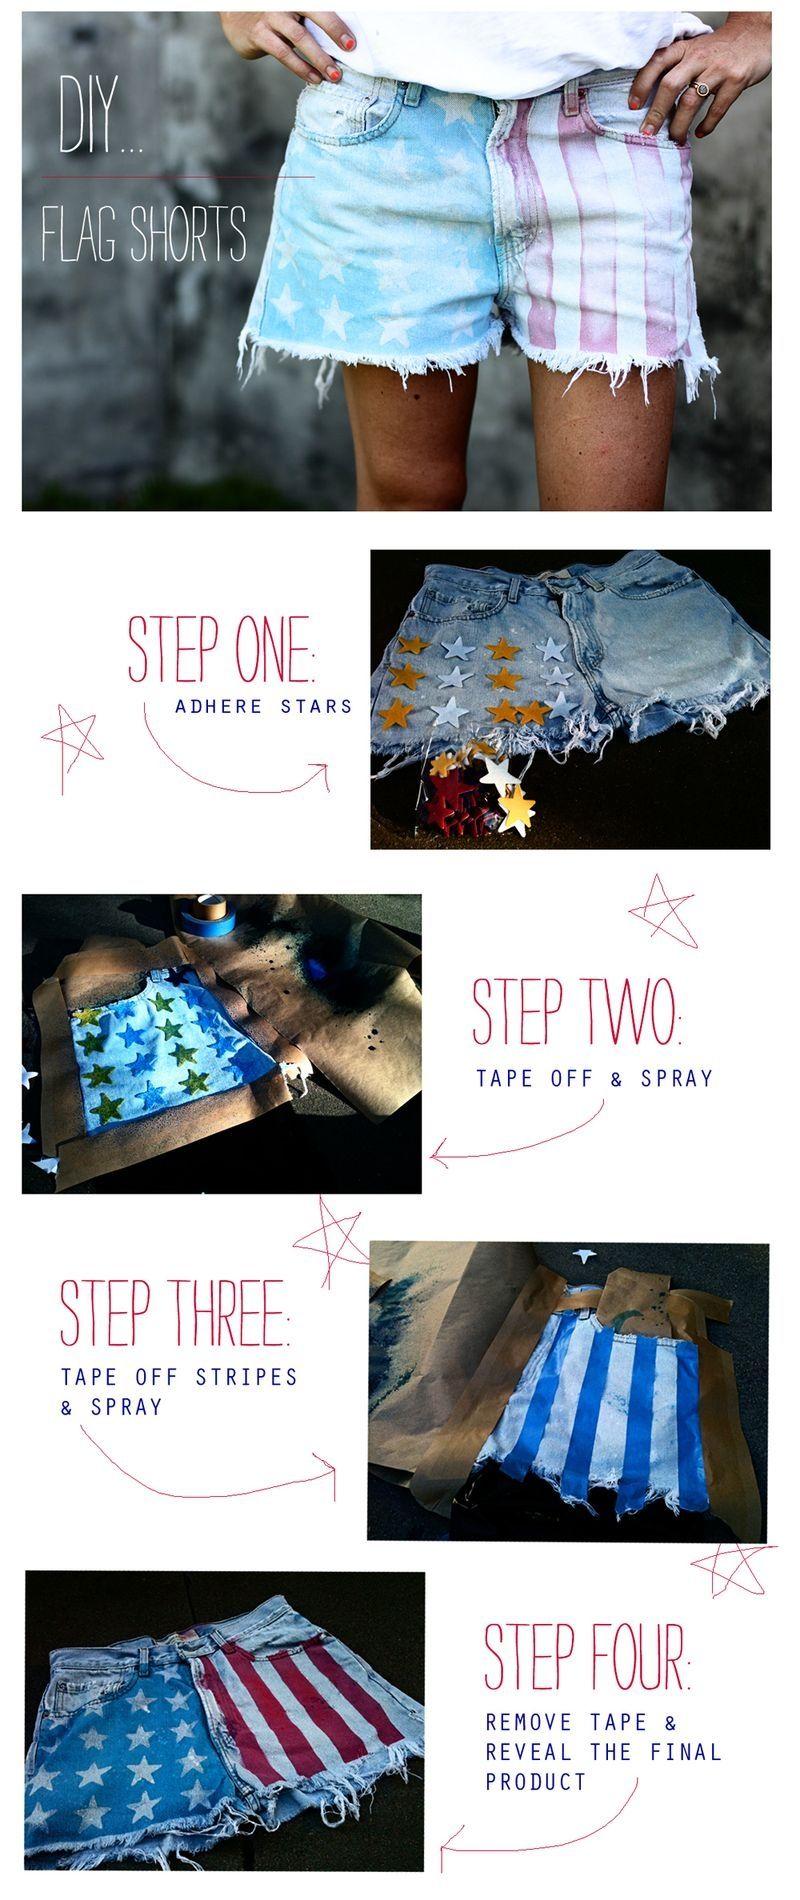 DIY Flag Shorts fashion usa creative diy diy ideas do it yourself crafty diy fashion diy pictures flag shorts